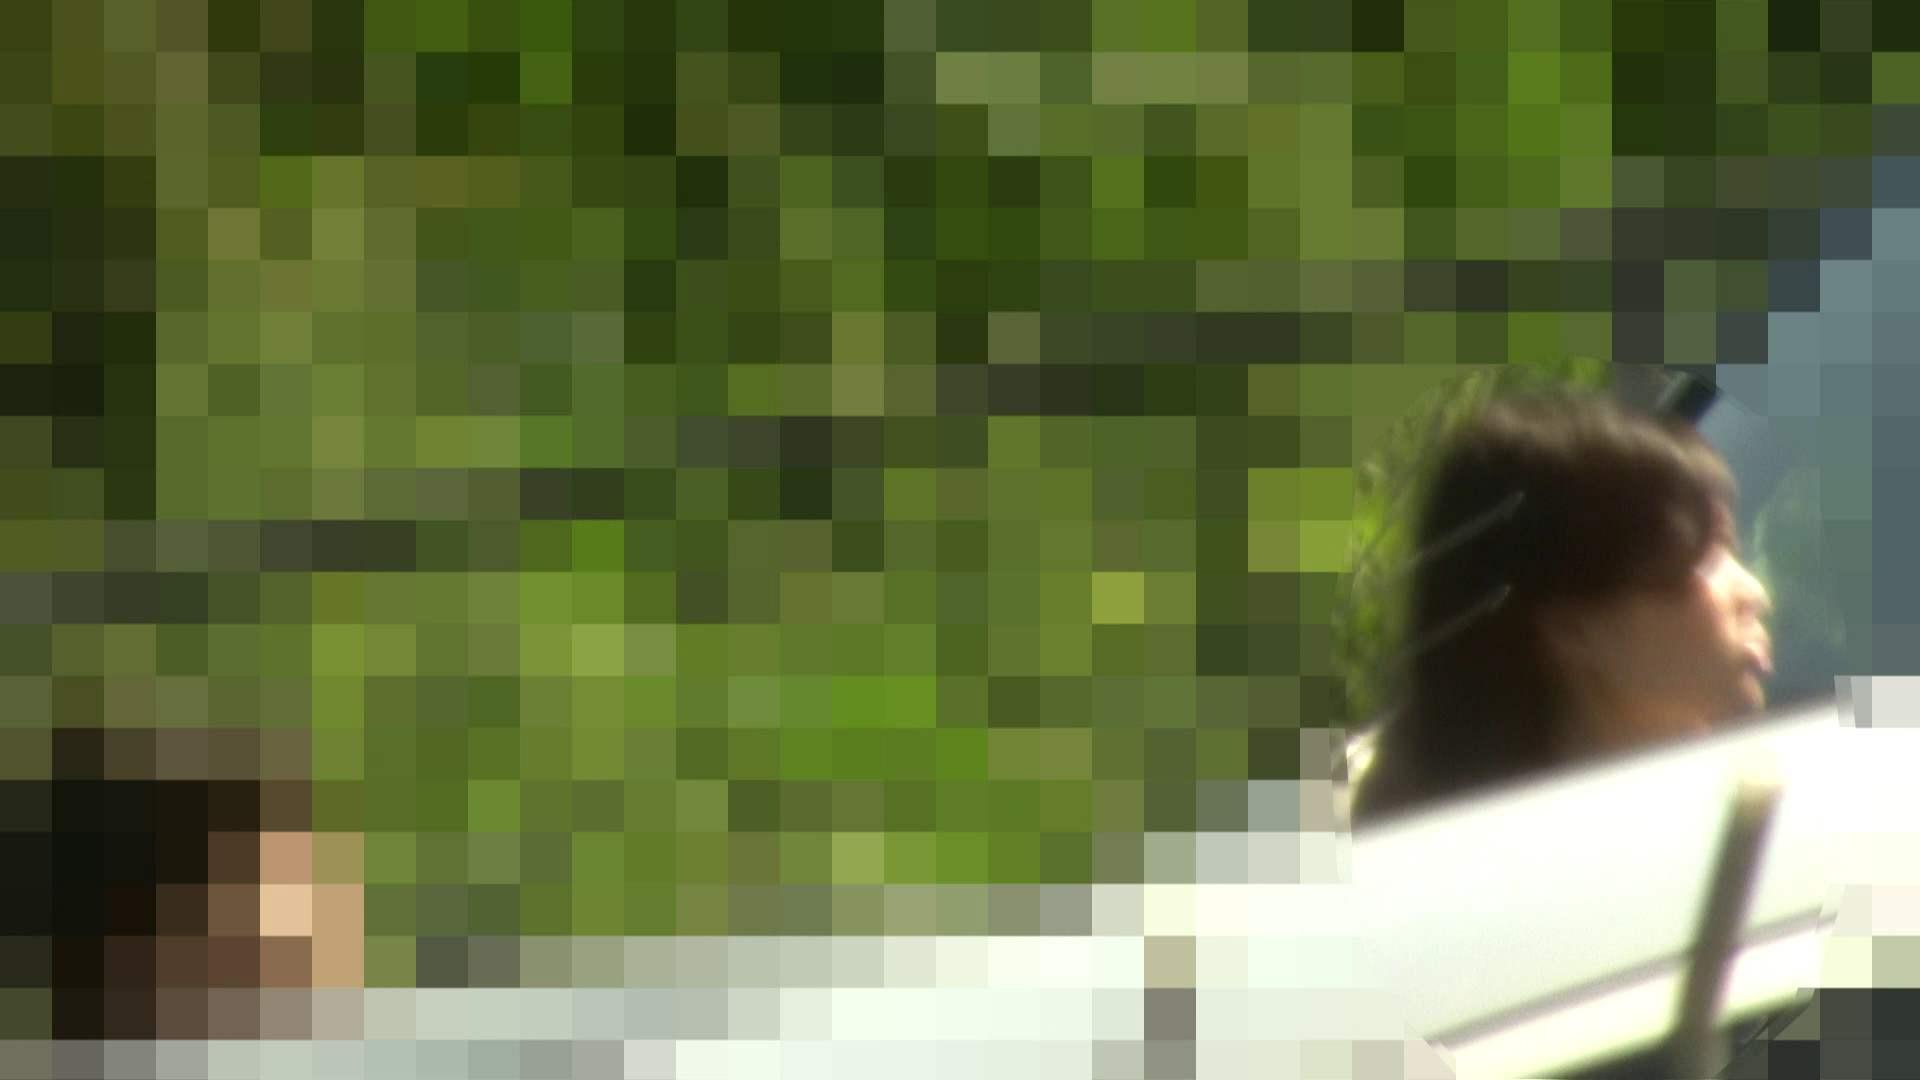 Aquaな露天風呂Vol.183 美しいOLの裸体  105pic 3